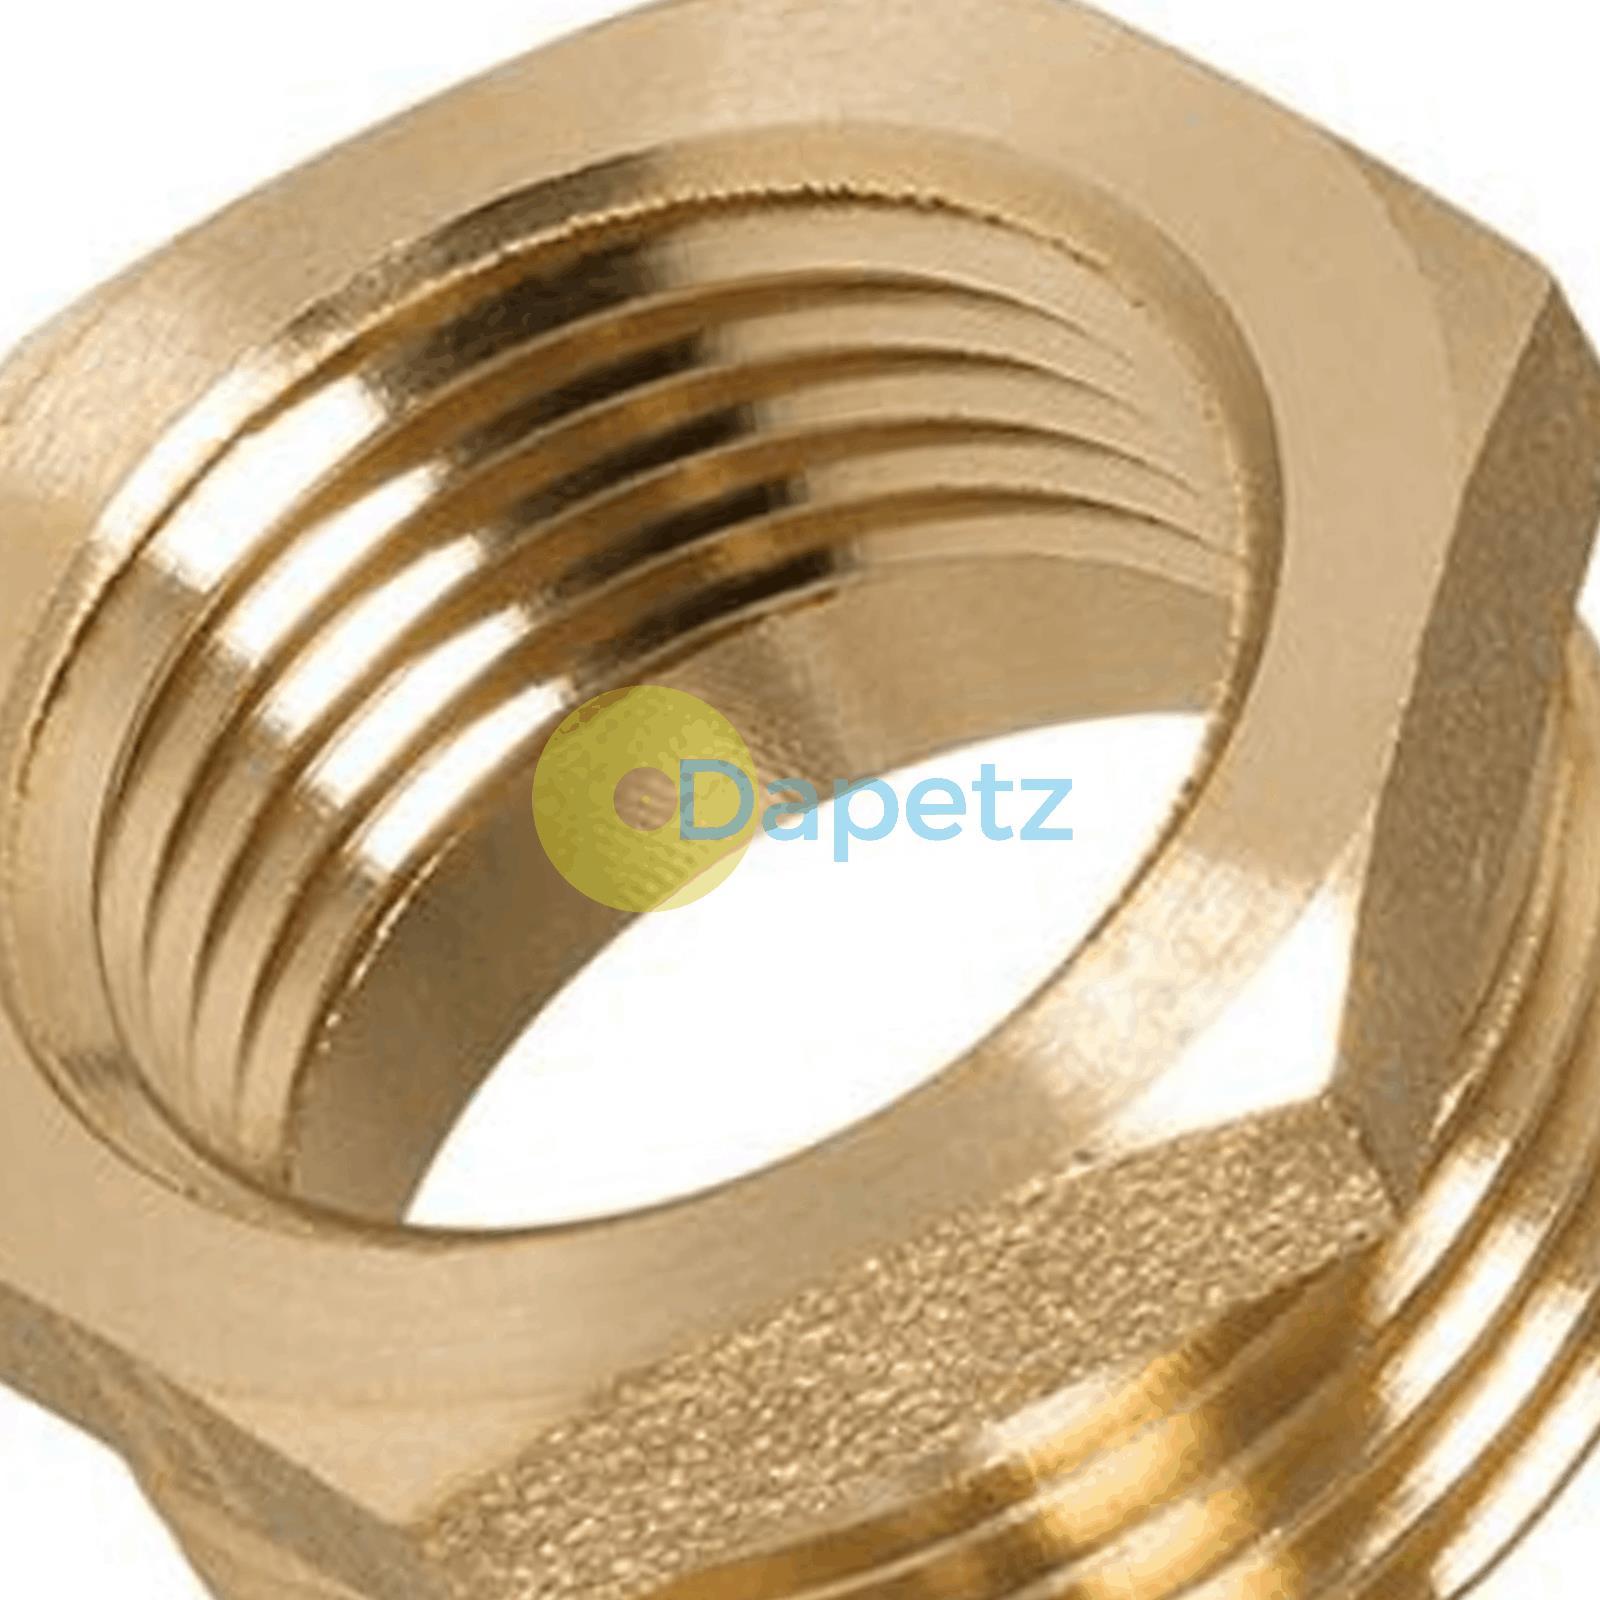 Brass-Reducing-Hexagone-Bush-BSP-Male-a-Femelle-Adaptateur-Connecteur-WRAS-approuves miniature 25